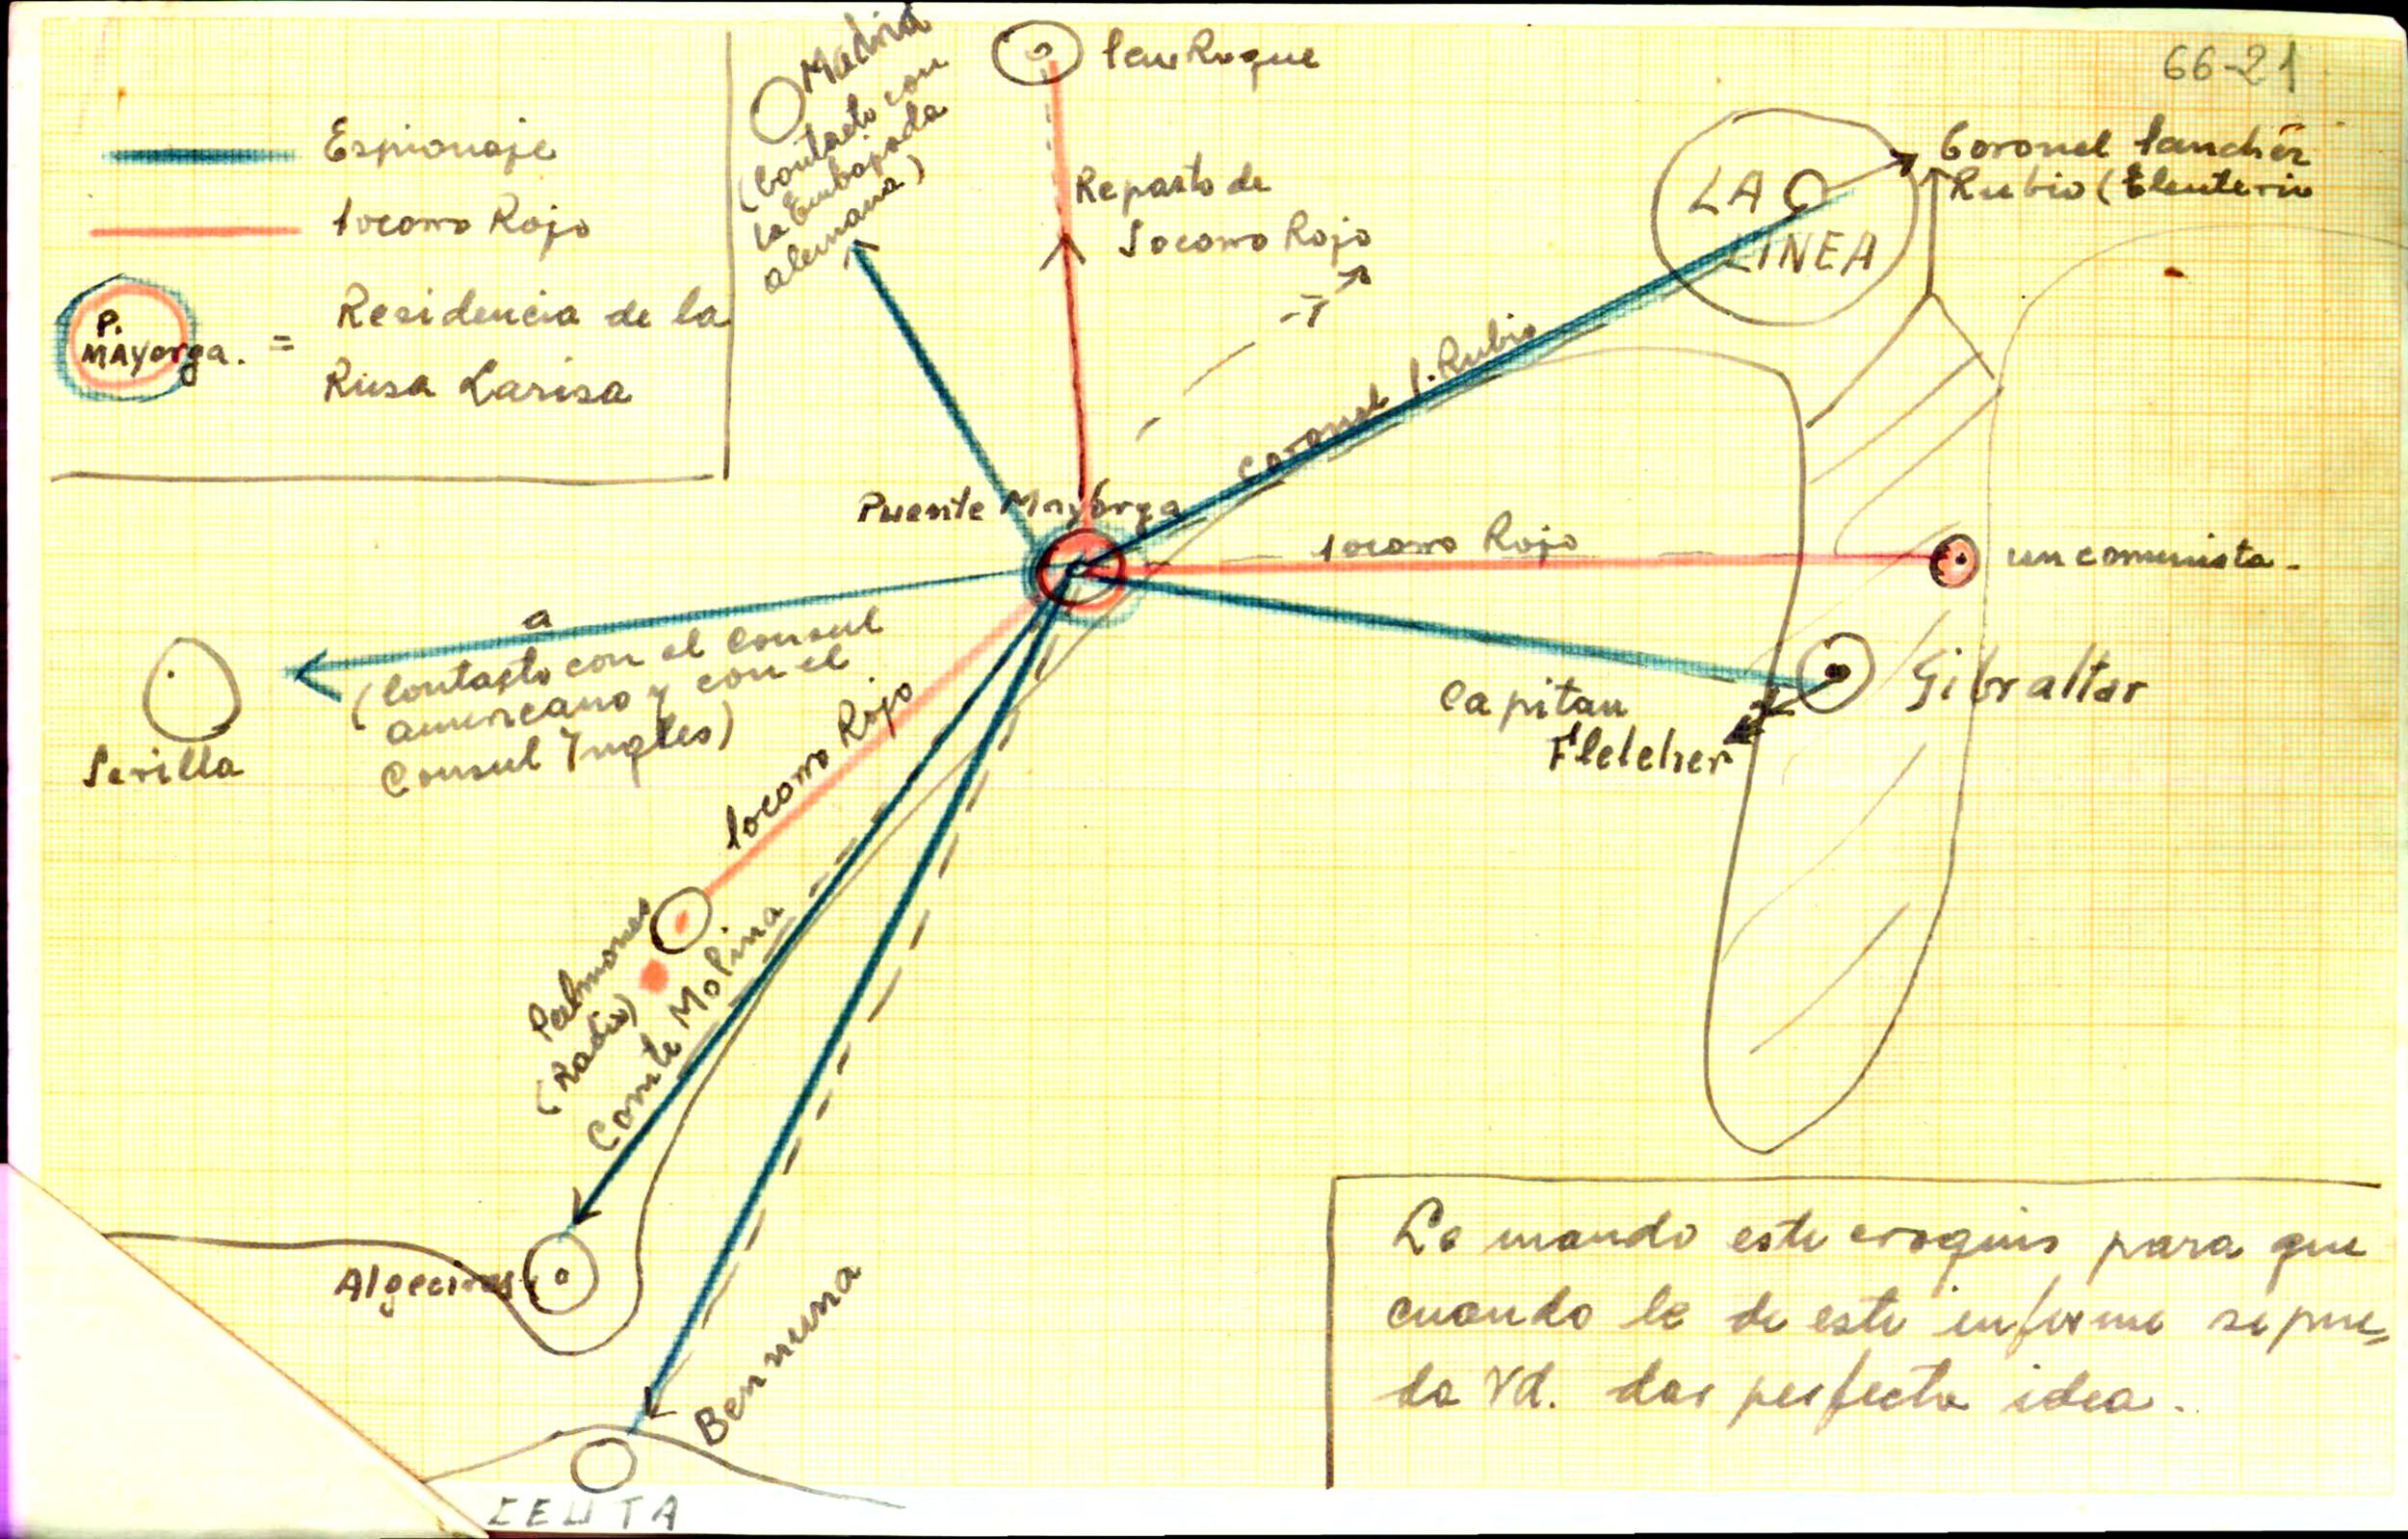 Plano de las redes de espionaje y socorro rojo del Campo de Gibraltar